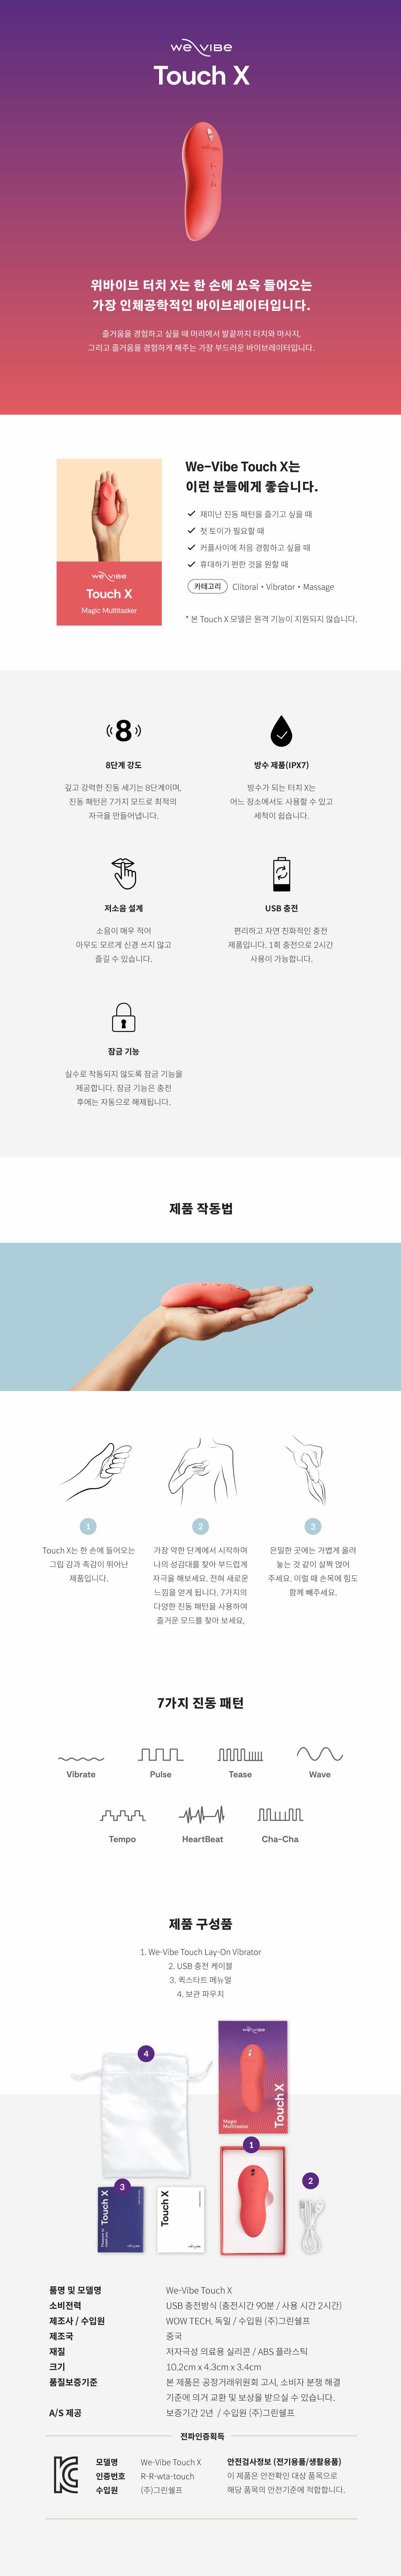 [위바이브 We-vibe] 터치X Touch X